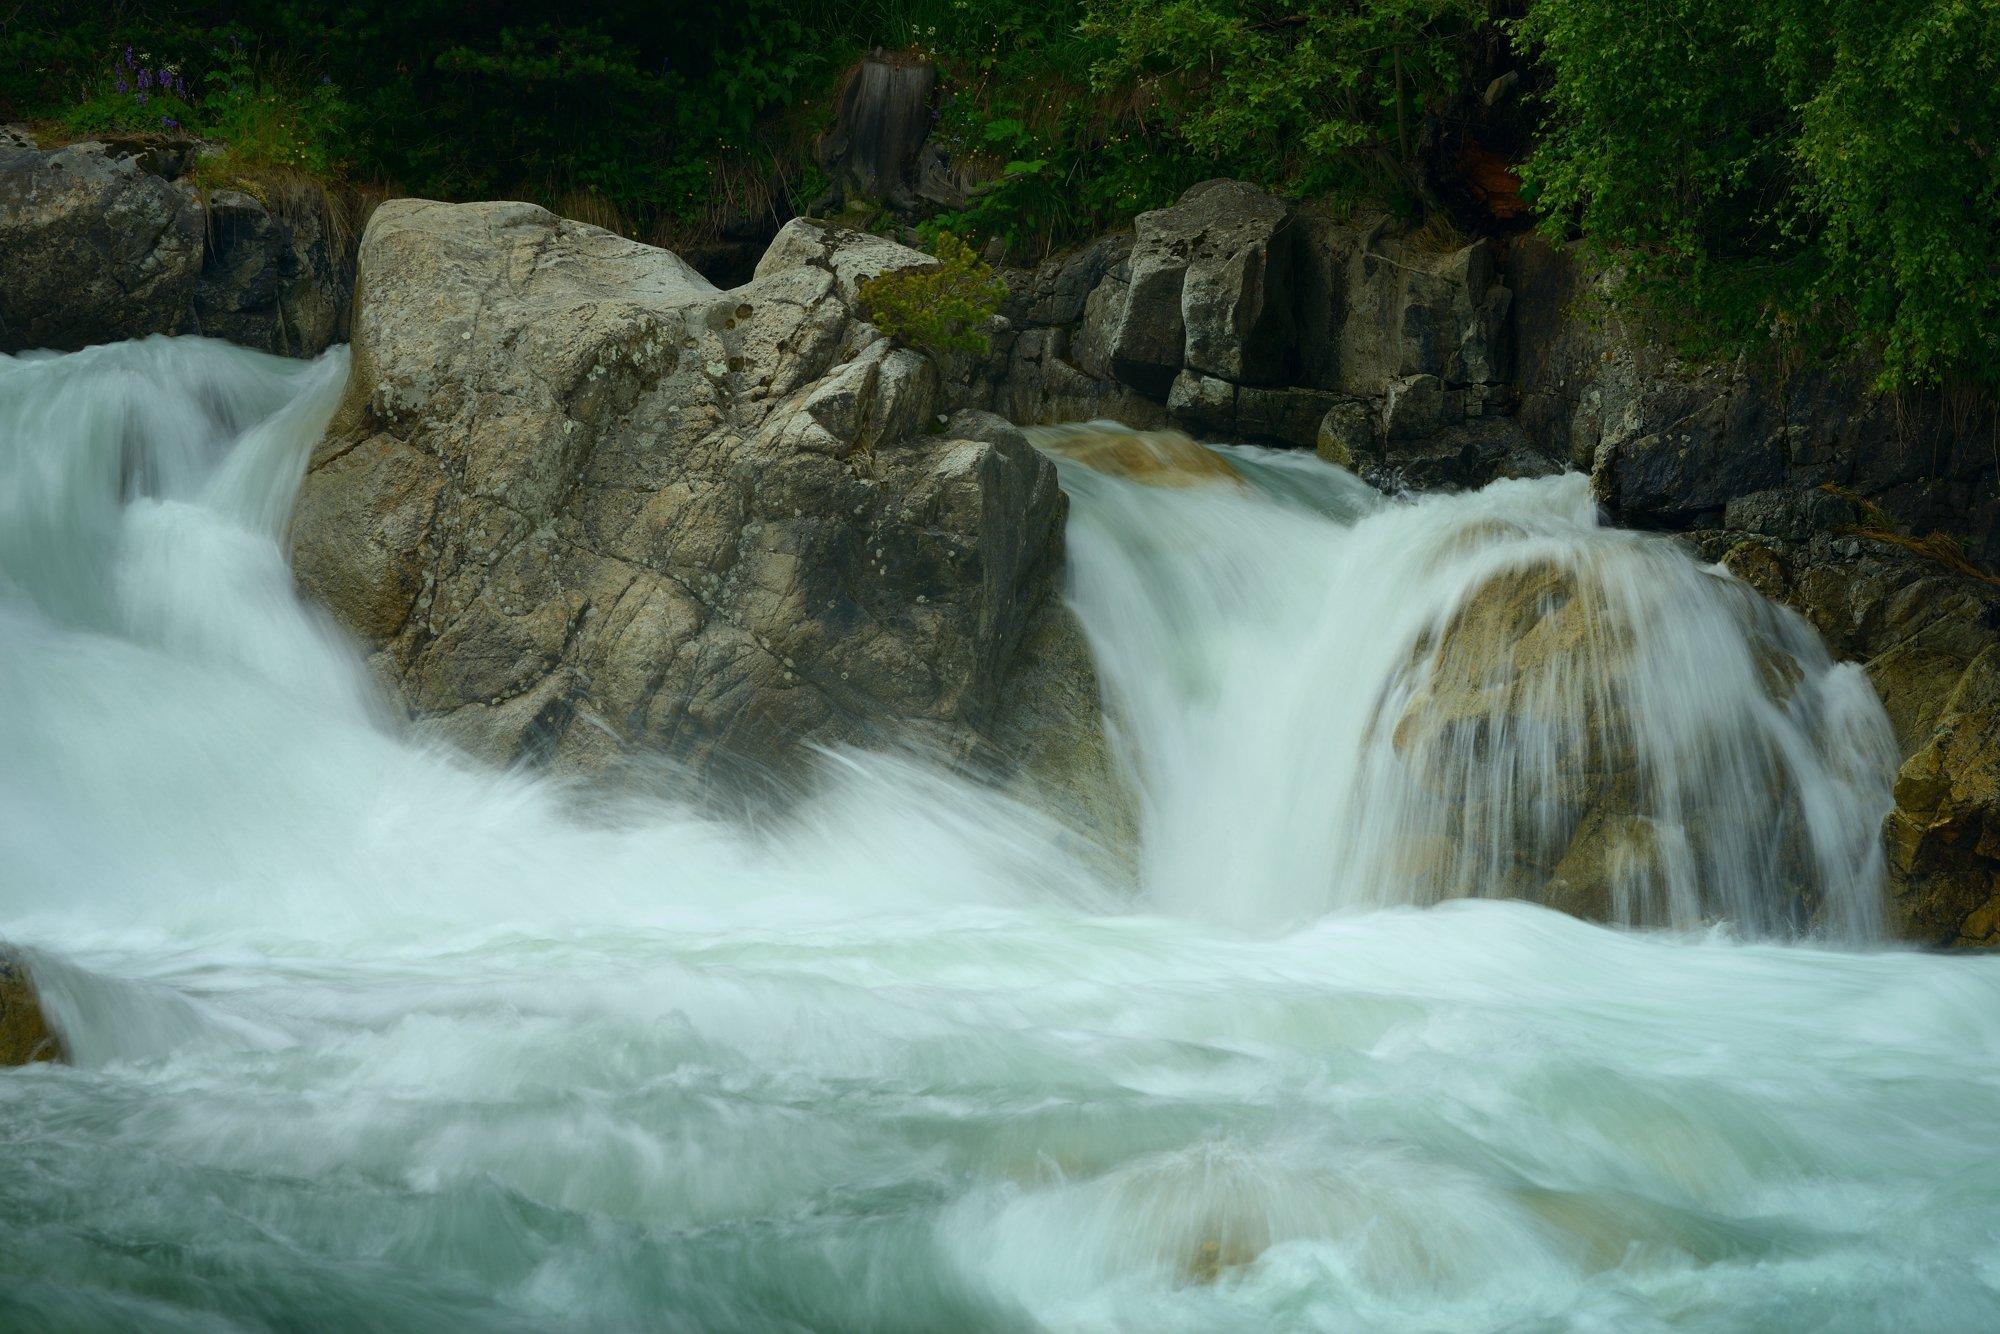 горы лето кавказ река водопад маруха, Александр Жарников